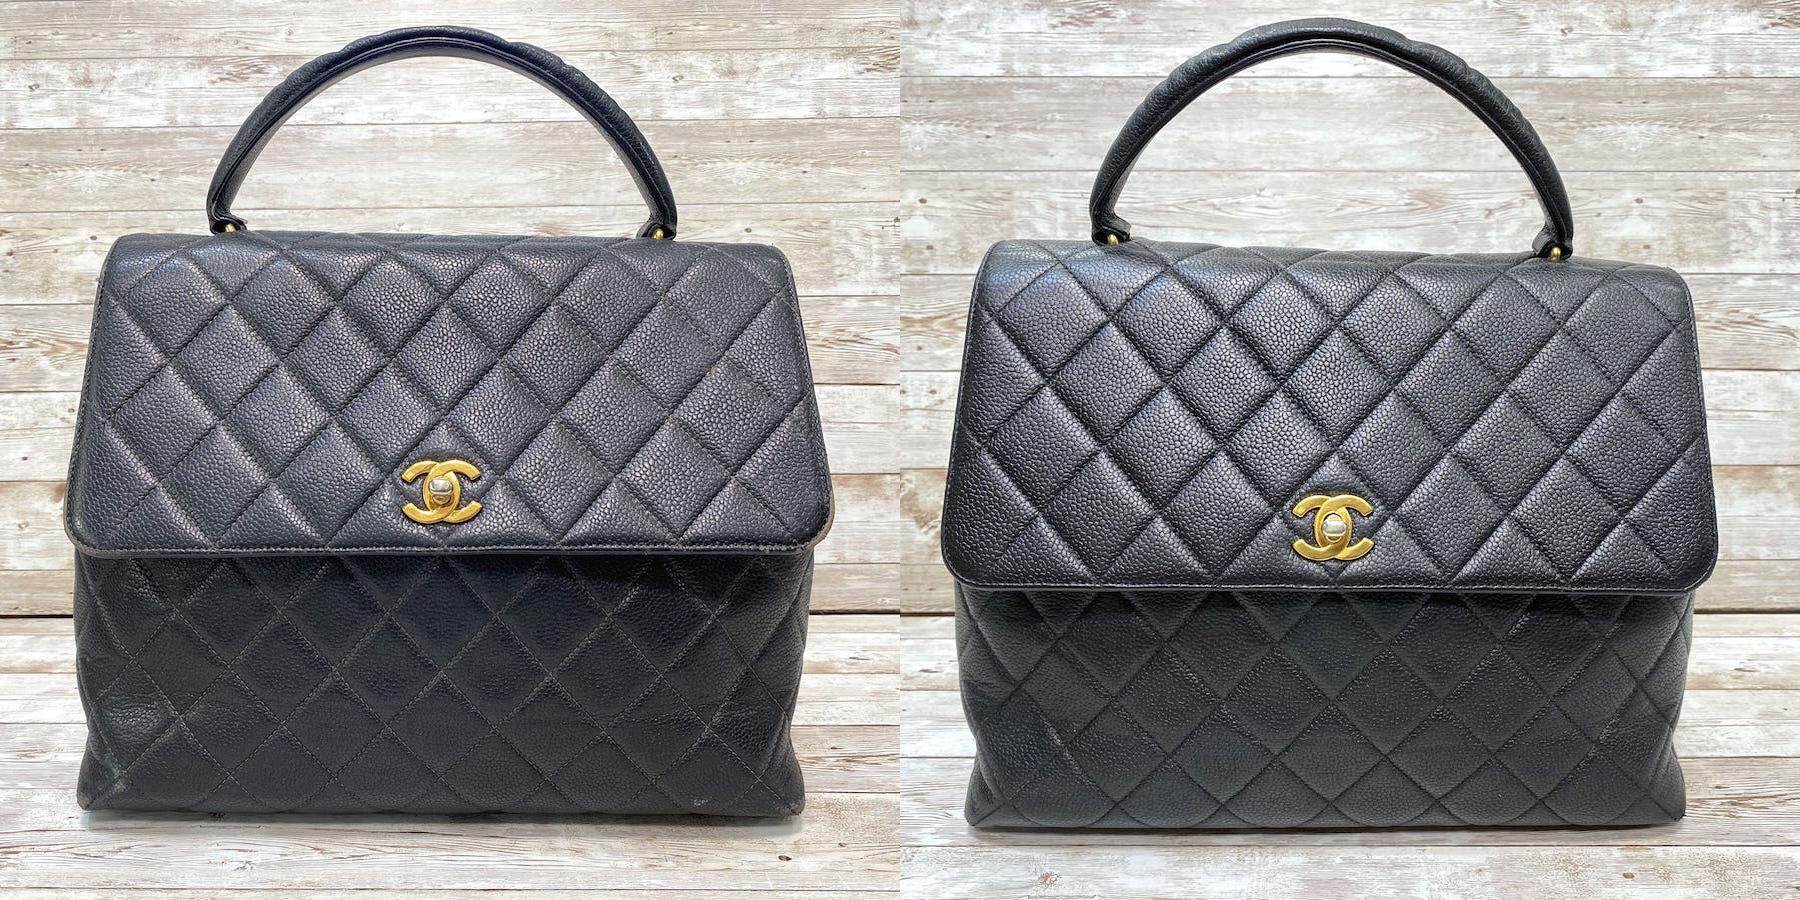 シャネル(Chanel) マトラッセ ハンドバッグのカラーリングをご紹介